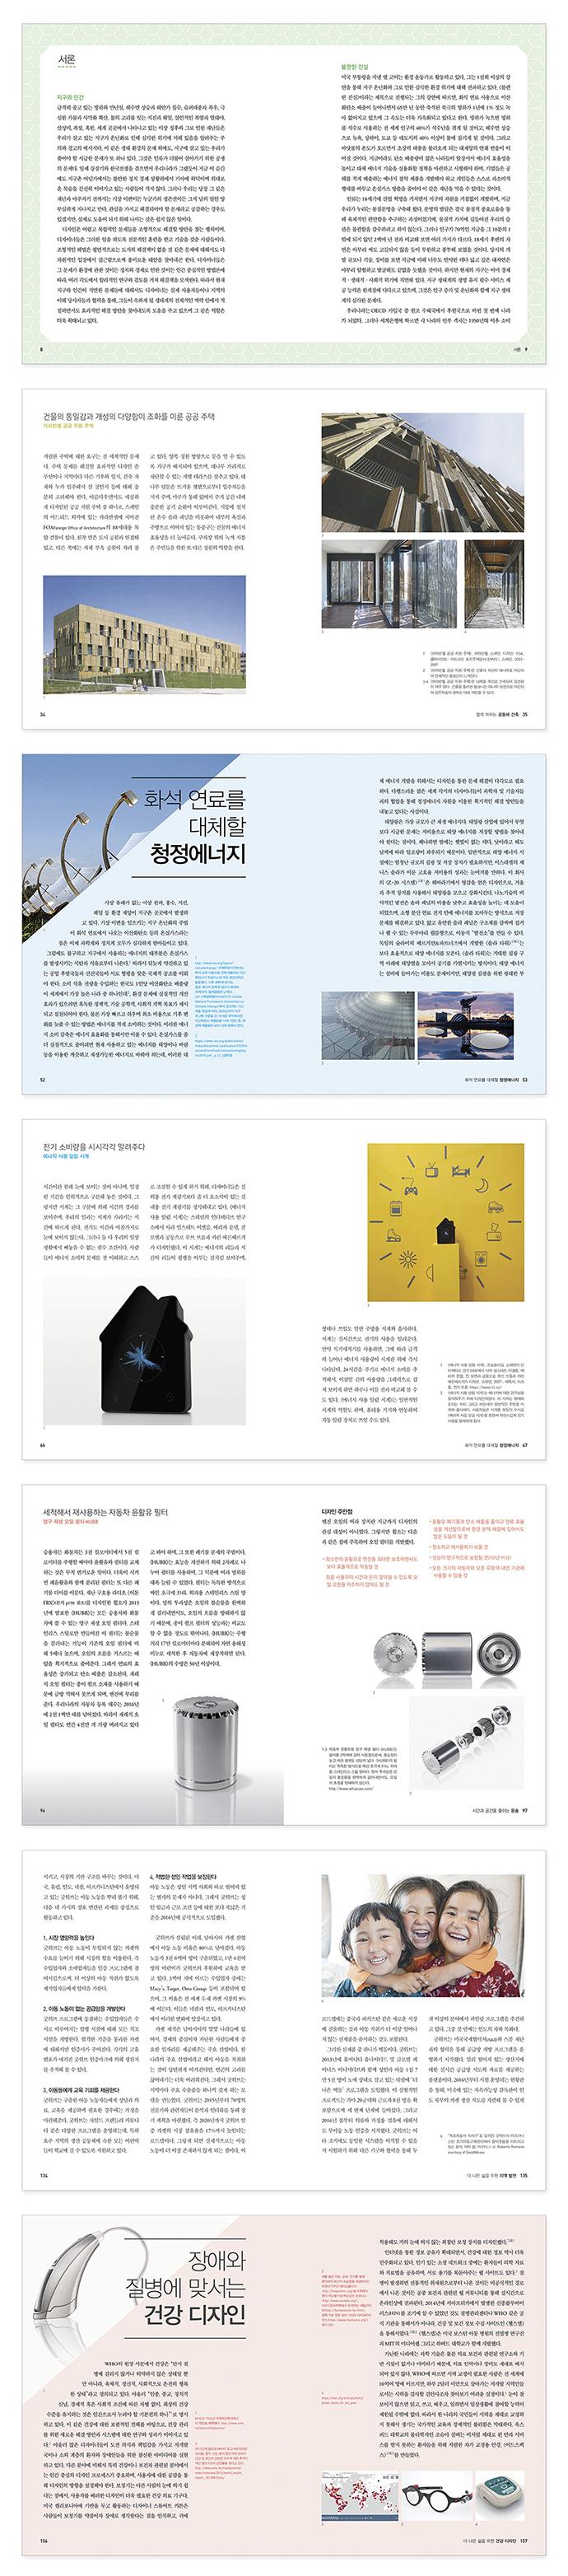 미래를위한디자인-preview(교보).jpg